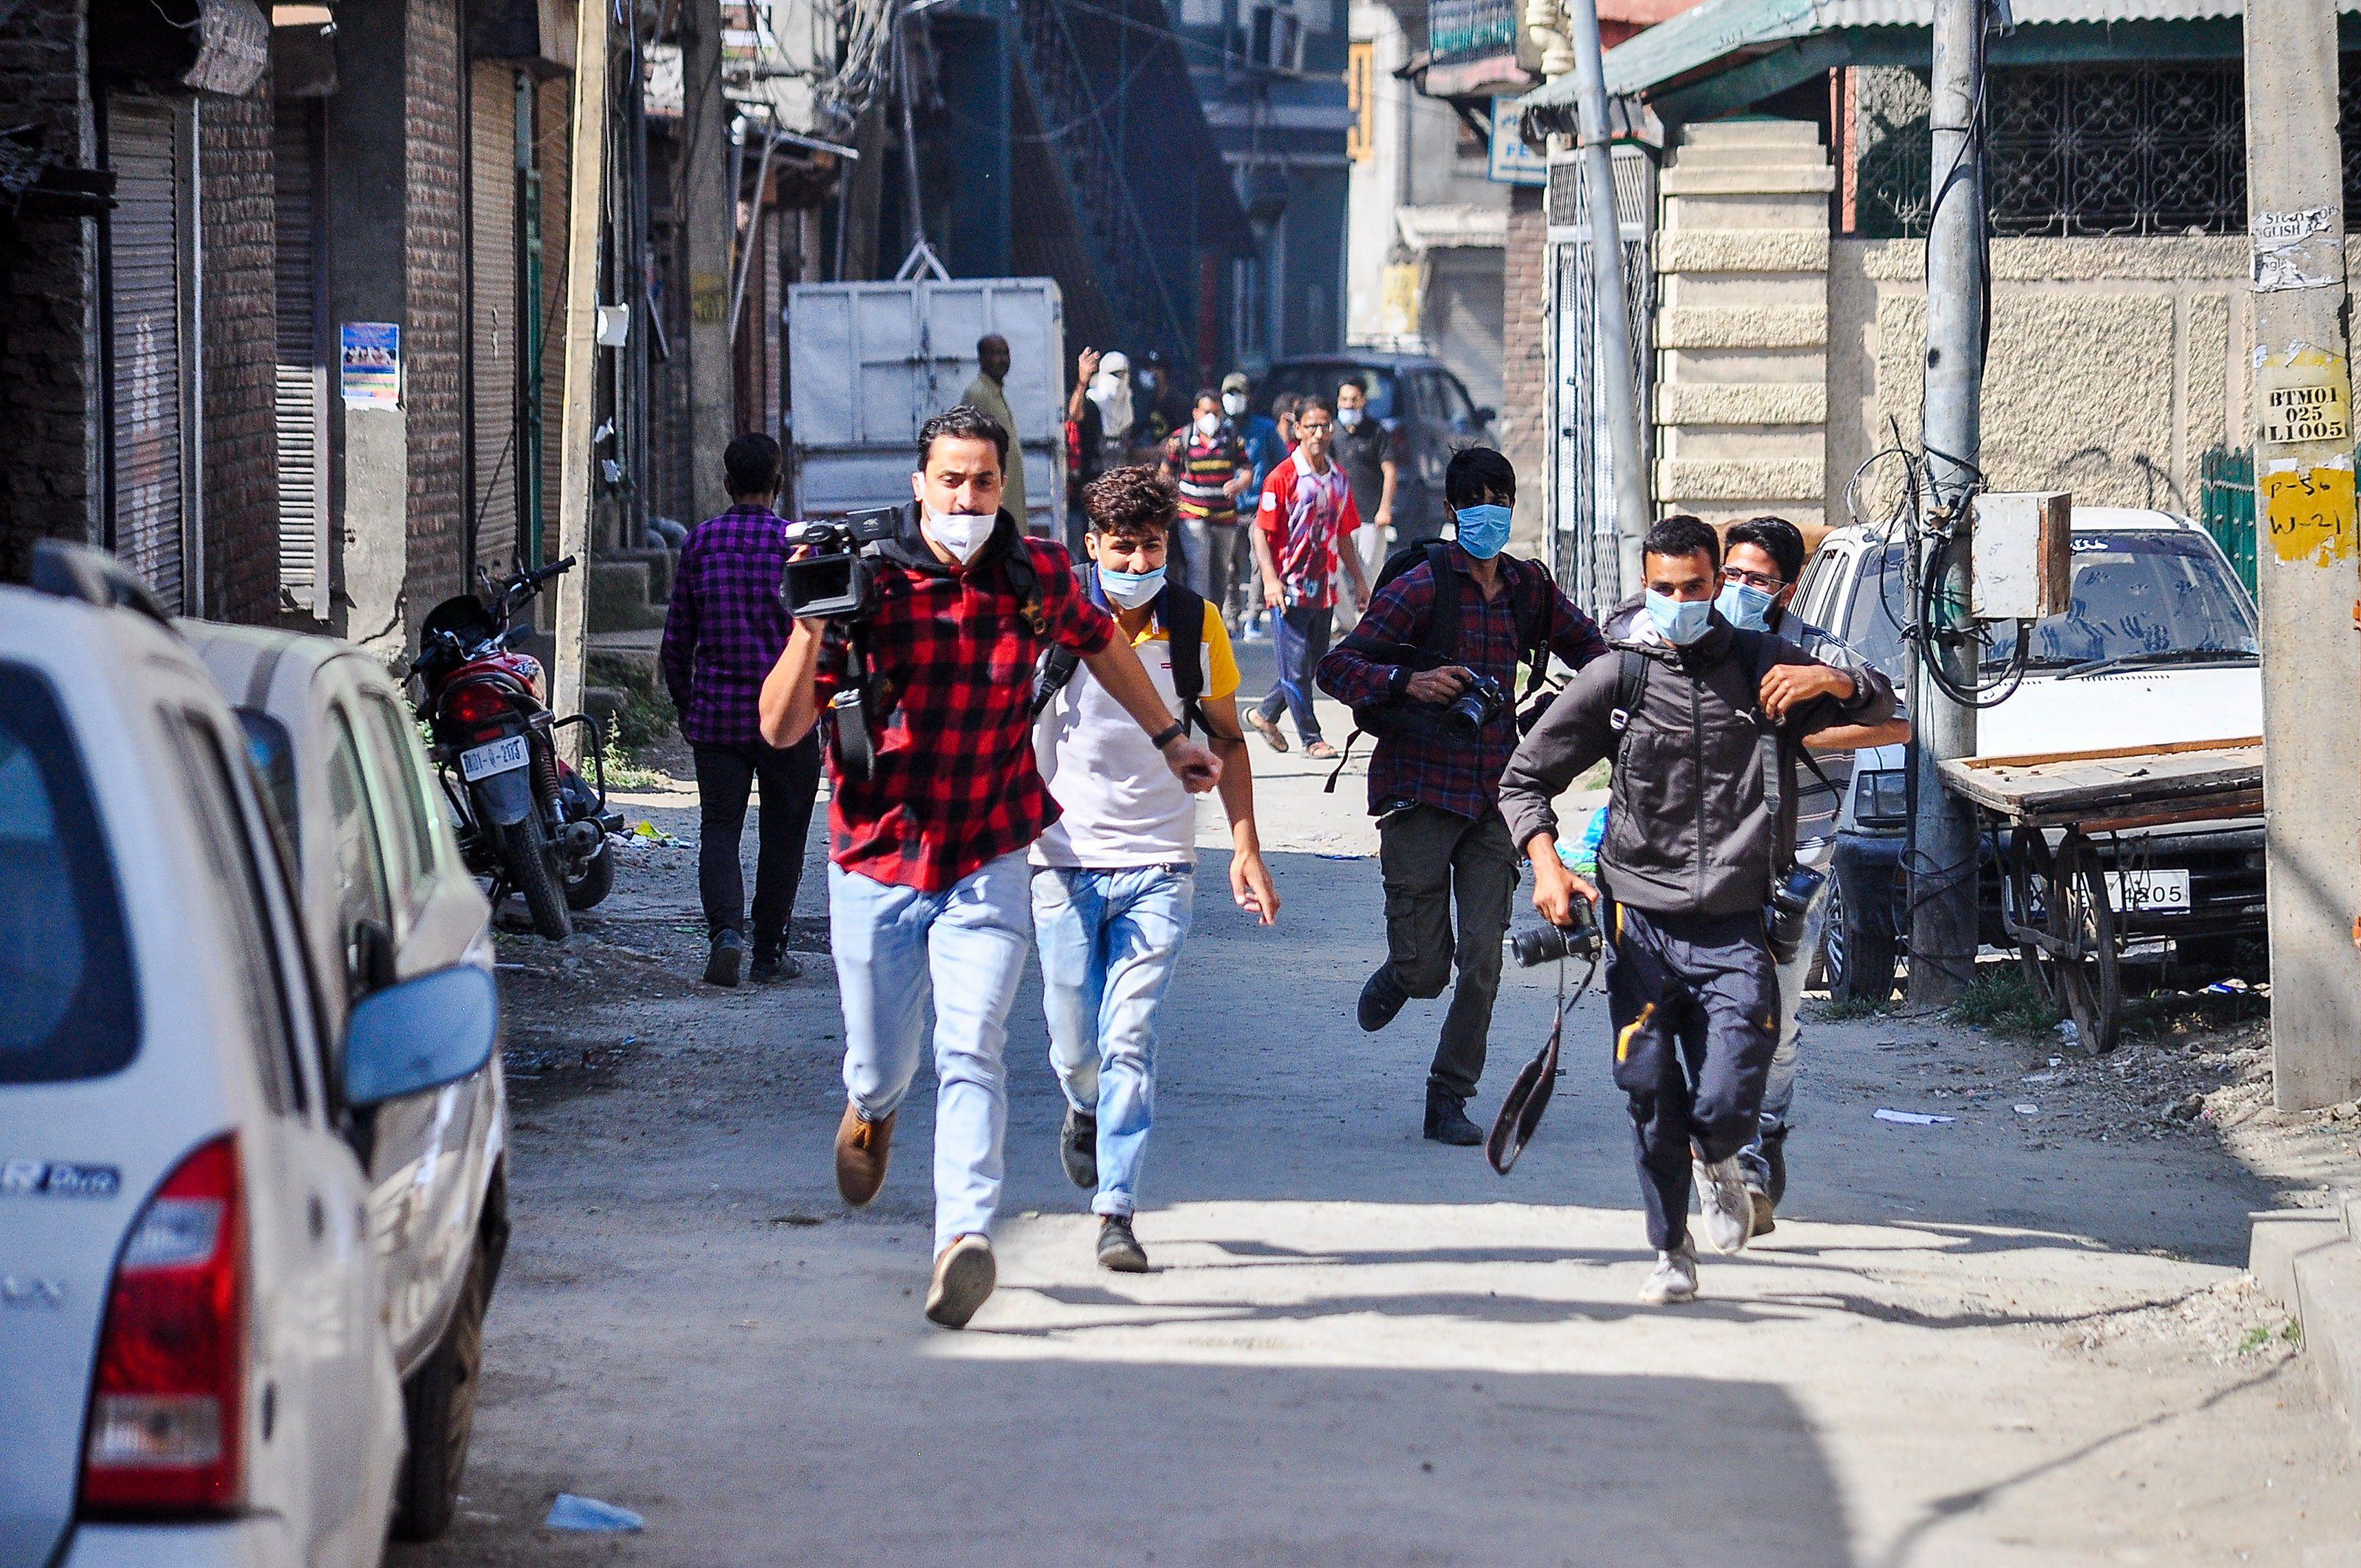 18/09/2020 Un grupo de periodistas corre durante los enfrentamientos que tuvieron lugar en unas recientes manifestaciones en Cachemira por la muerte de tres personasa a manos de las autoridades de India. POLITICA INTERNACIONAL SAQIB MAJEED / ZUMA PRESS / CONTACTOPHOTO